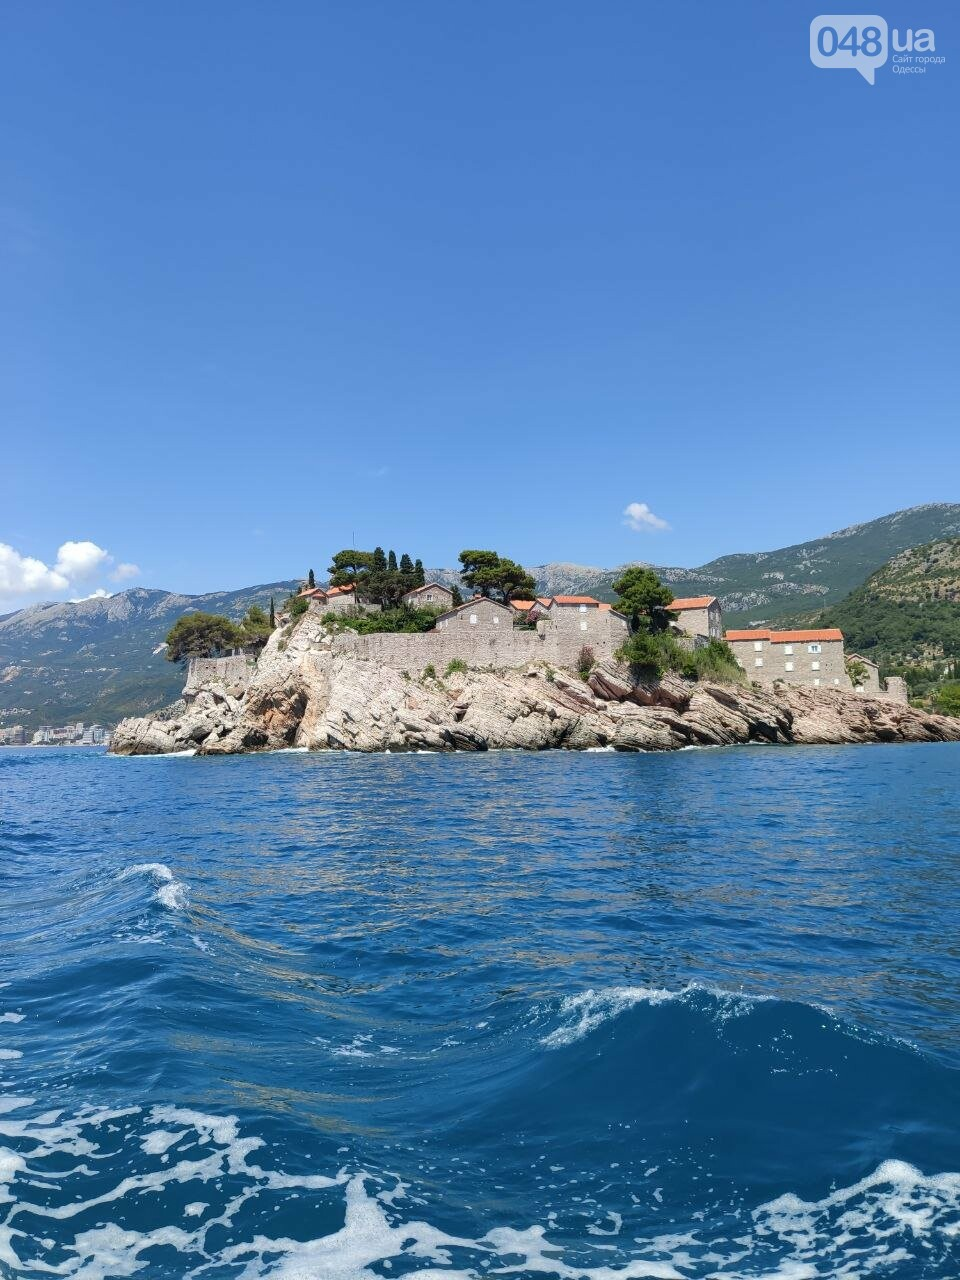 вид на остров Свети Стефан с катера